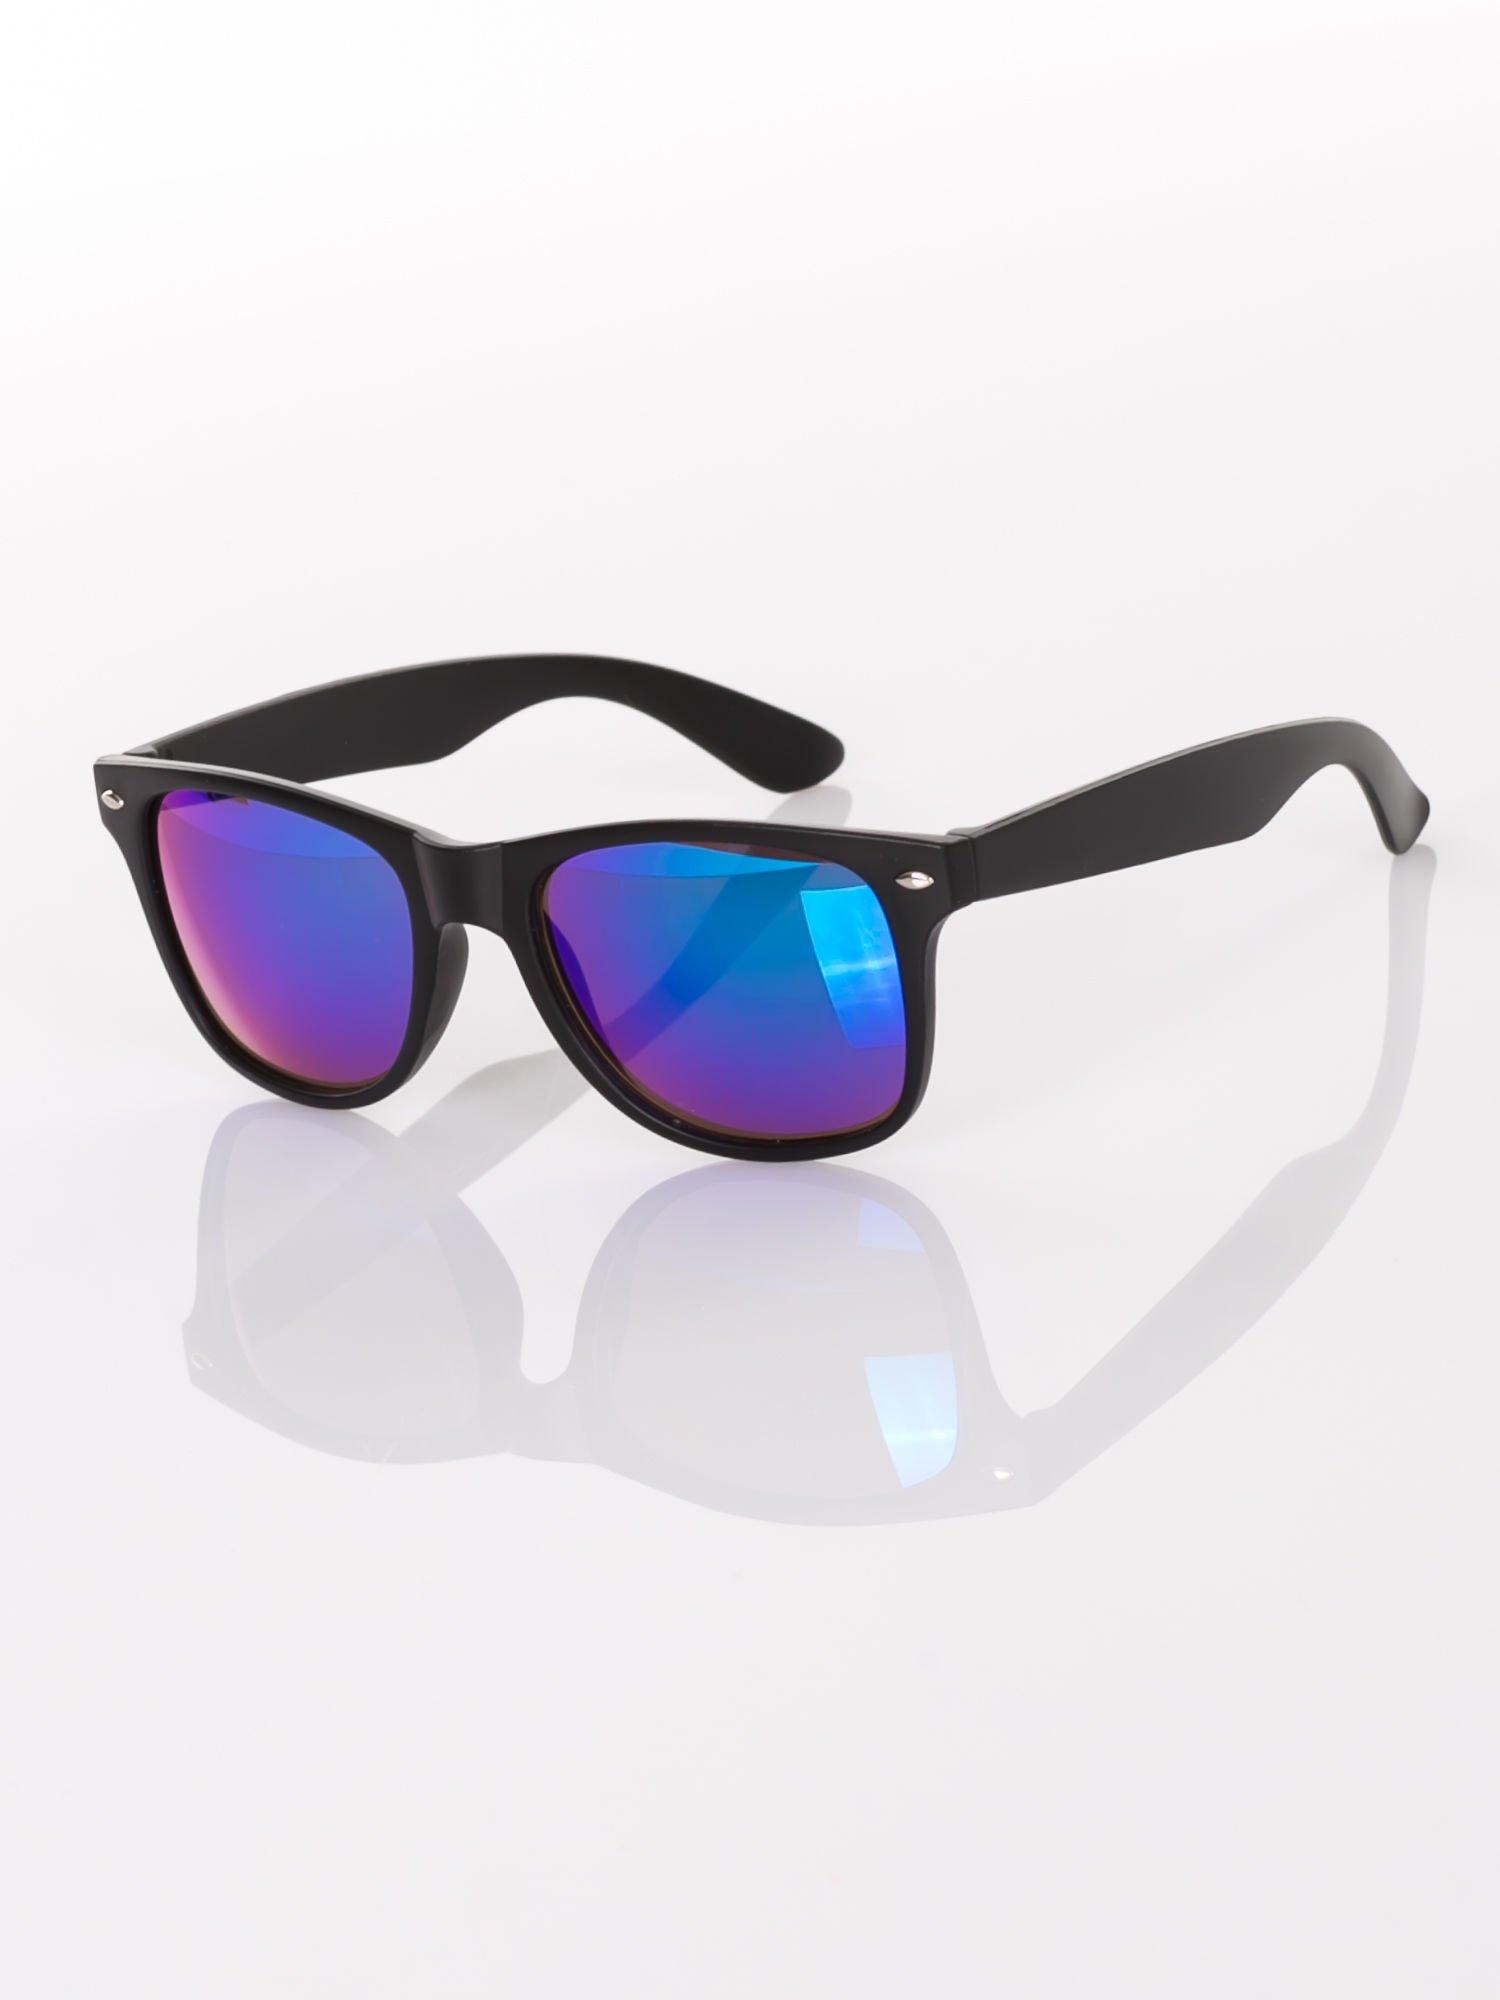 61cadecbb2ffdd Klasyczne czarne okulary przeciwsłoneczne WAYFARER lustrzanki niebiesko- zielone - Akcesoria okulary przeciwsłoneczne - sklep eButik.pl